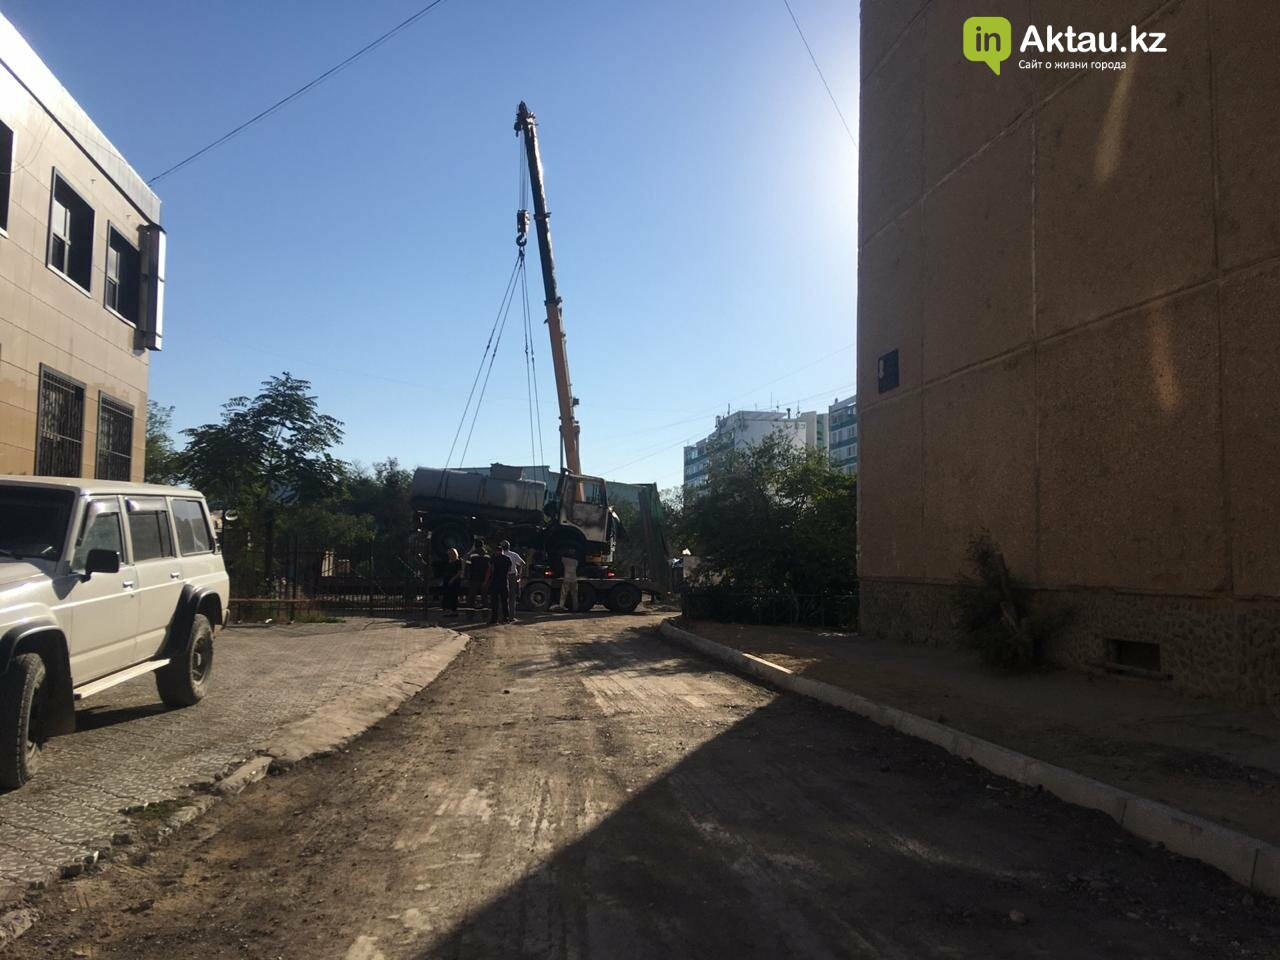 Долгий ремонт: инициативная группа актаусцев возмутилась темпами благоустройства микрорайонов, фото-2